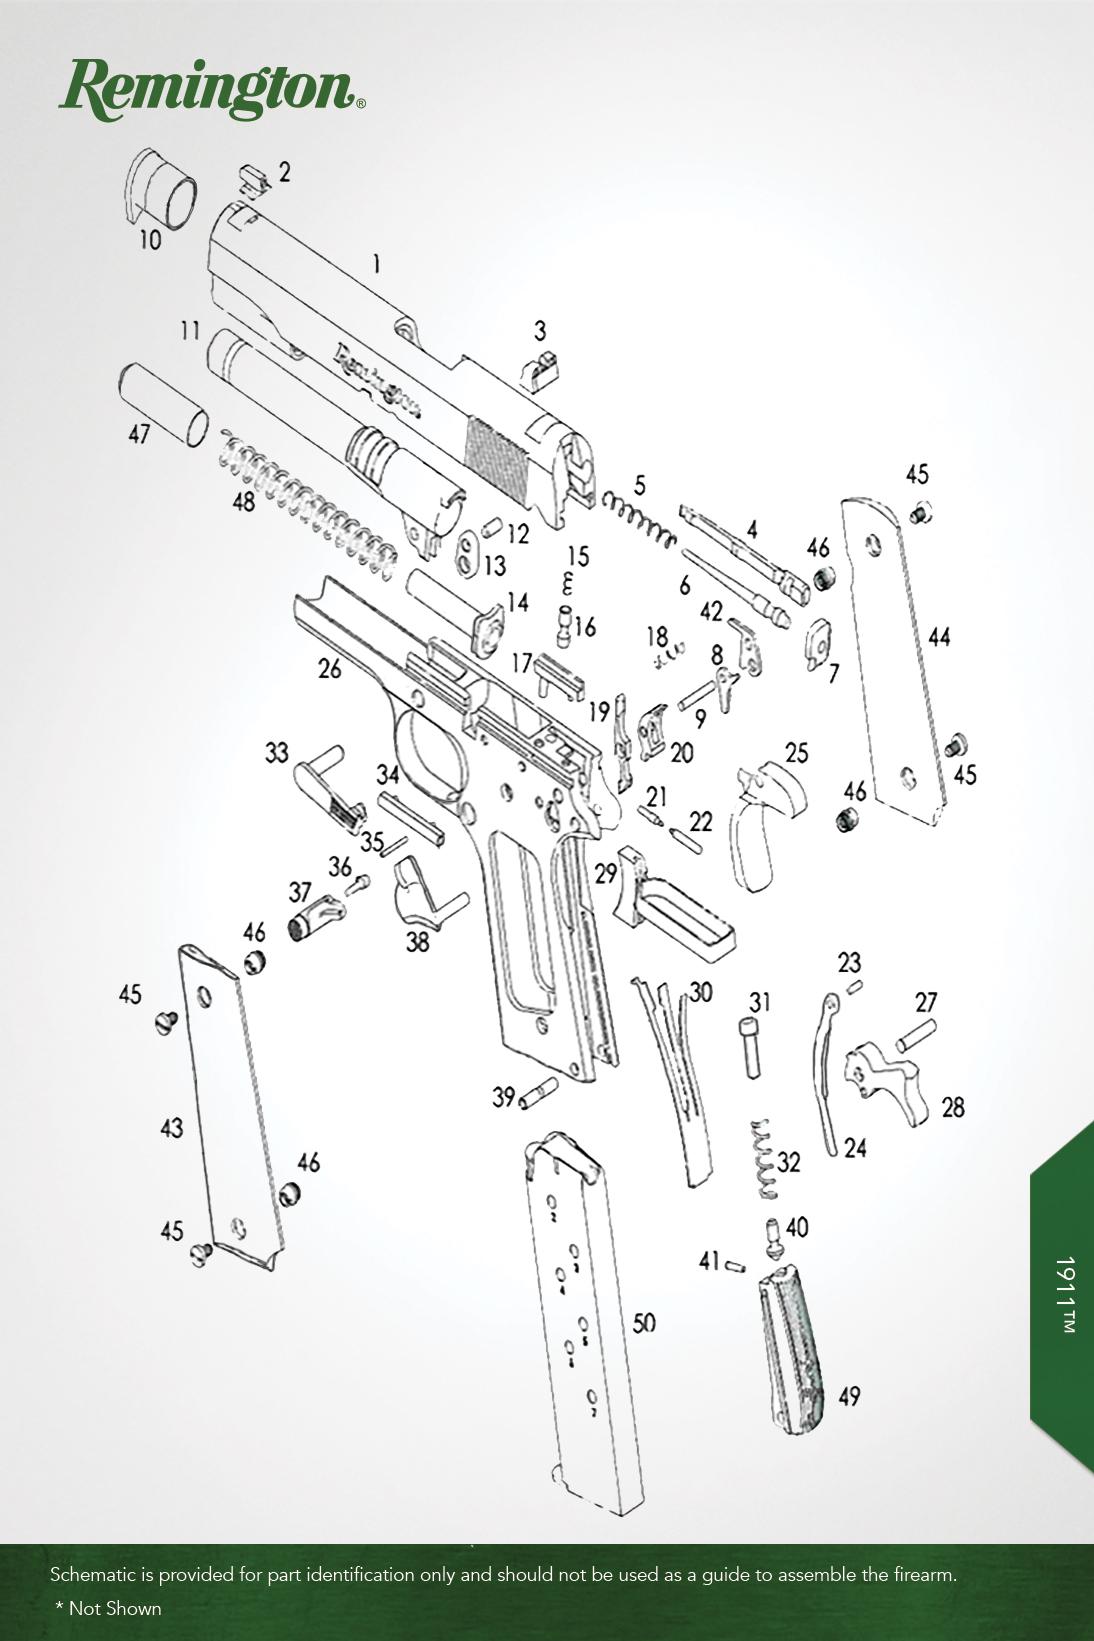 1911™ / 1911™ R1 SS - Handguns - Remington® - OEM Parts on shotgun schematics or diagrams, revolver schematics diagrams, handgun schematics and how it works,